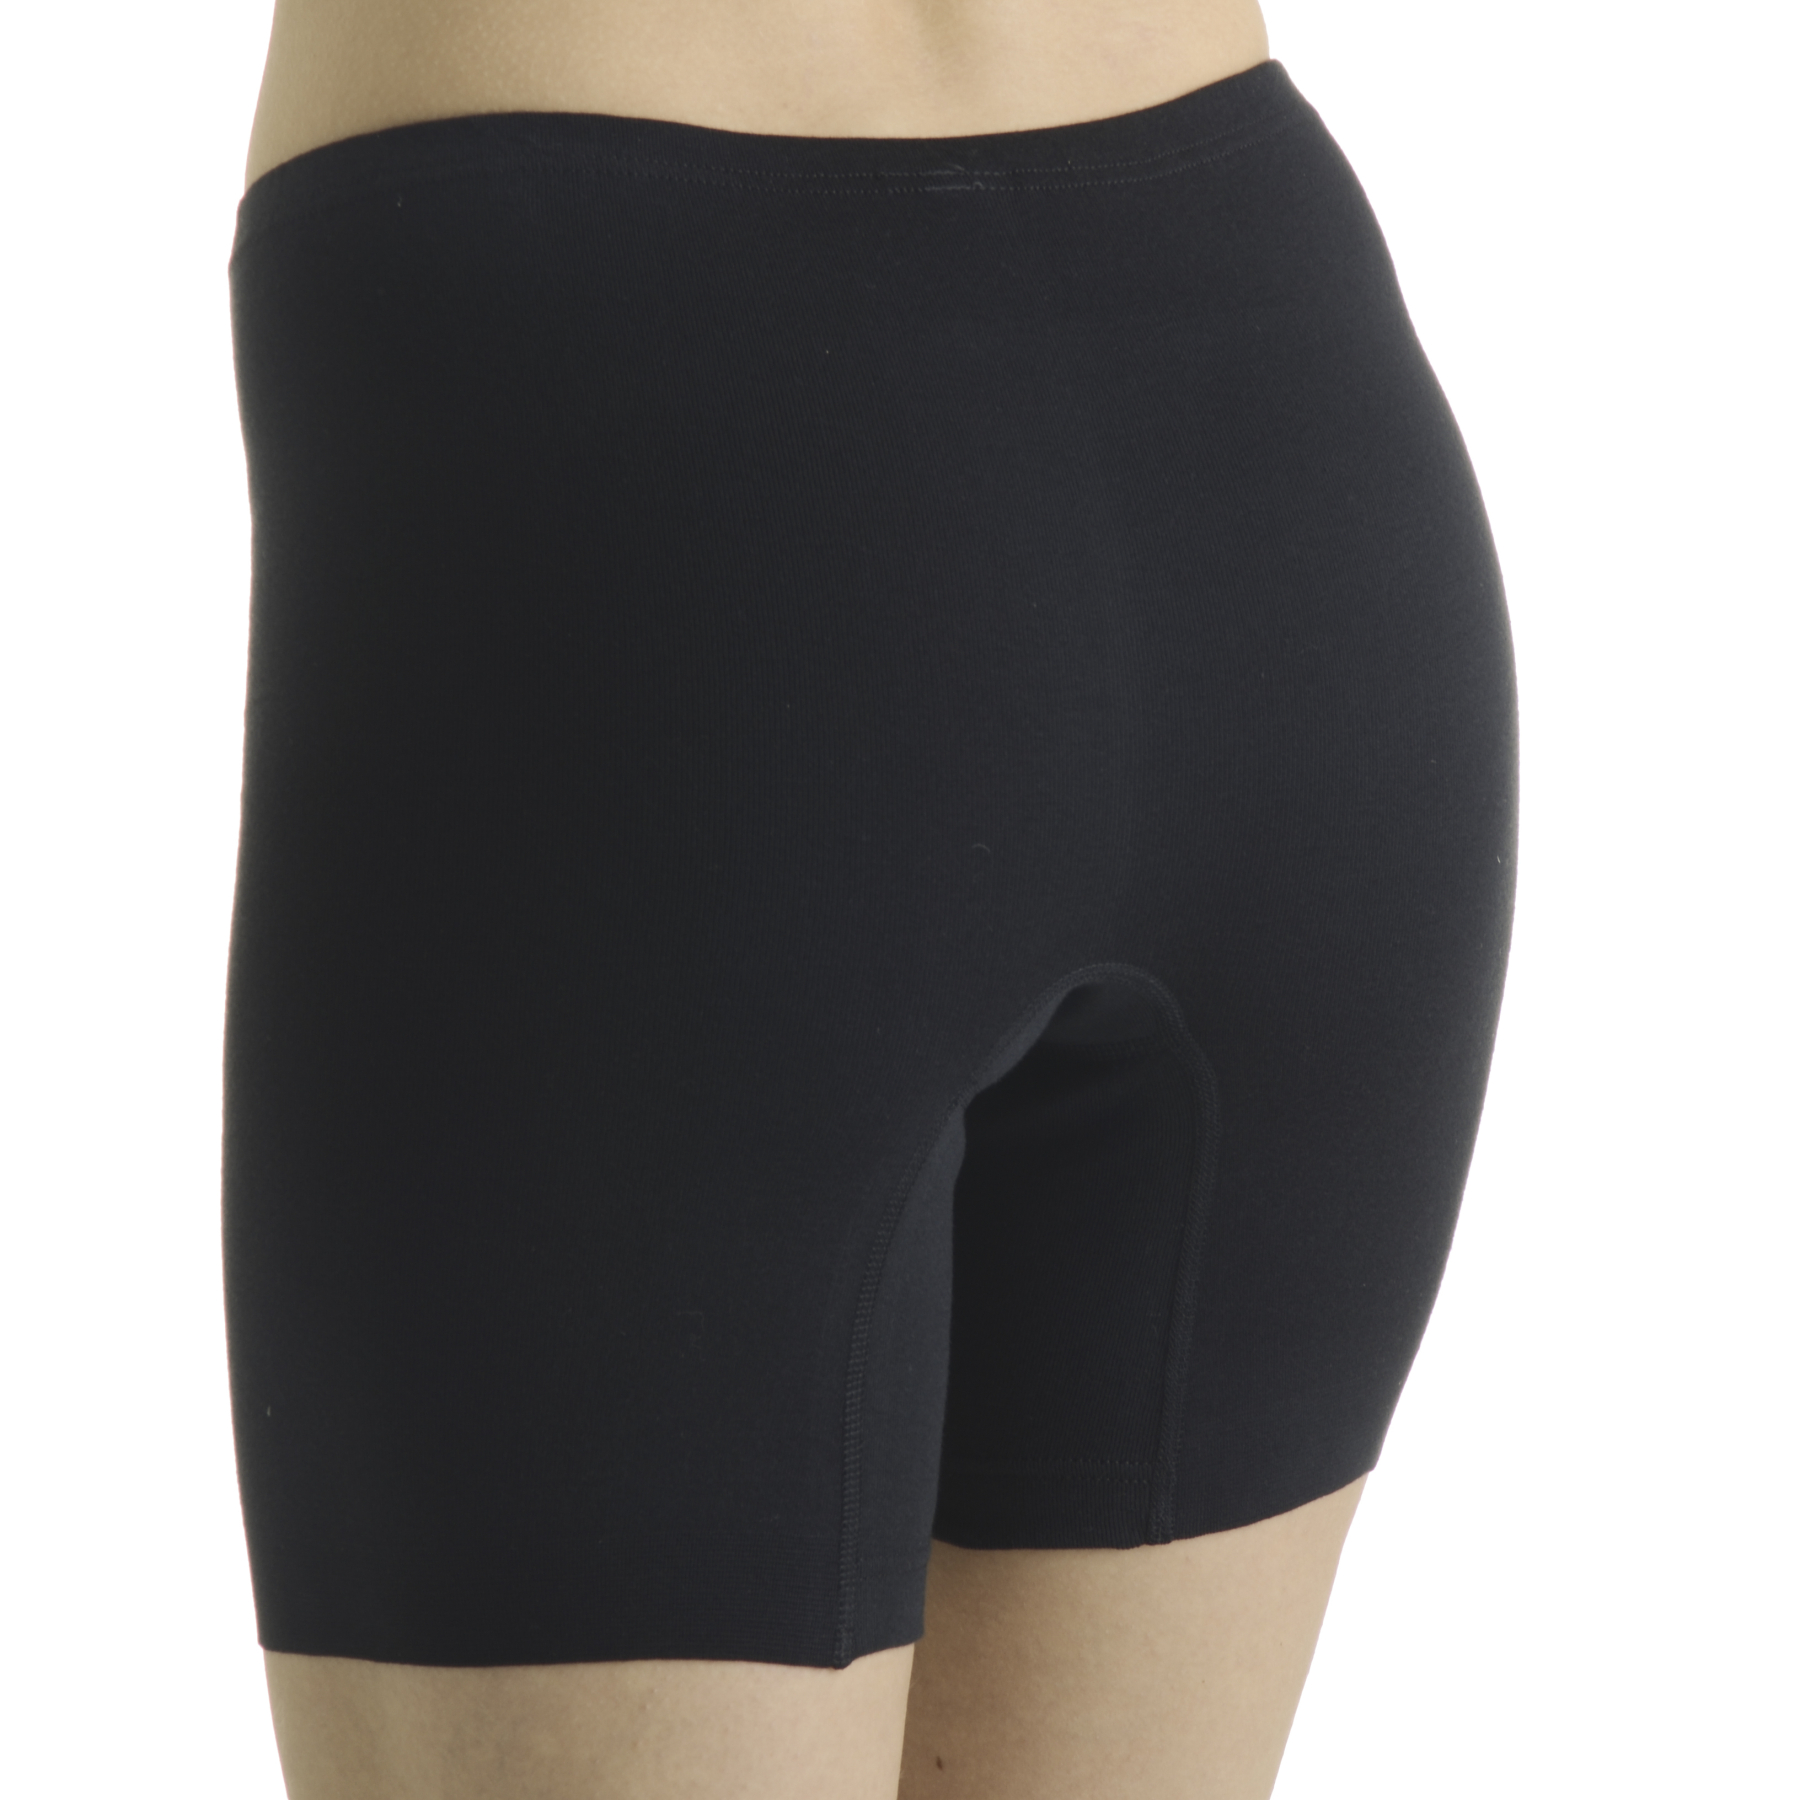 Dámské kalhotky s delší nohavičkou - 147280 - 168 Kč - Skladem - Pleas a.s ba18f9094c